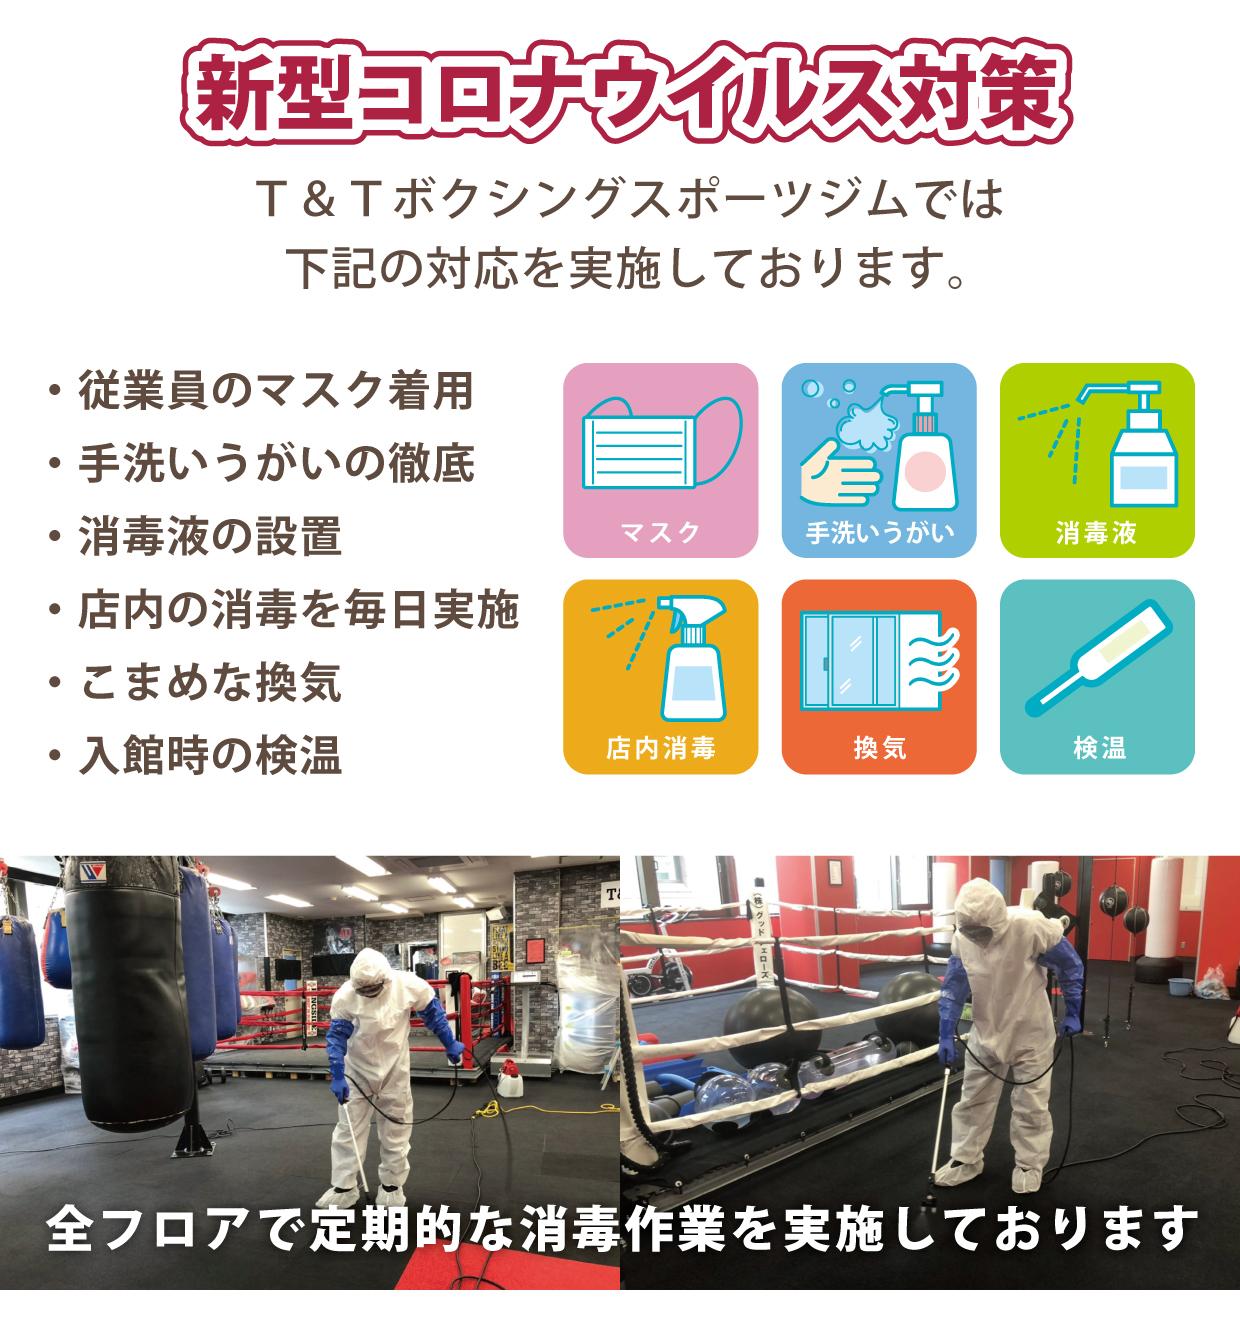 新型コロナウイルス対策 T&Tボクシングスポーツジムでは下記の対応を実施しております。従業員のマスク着用、手洗いうがいの徹底、消毒液の設置、店内の消毒を毎日実施、こまめな換気、入館時の検温